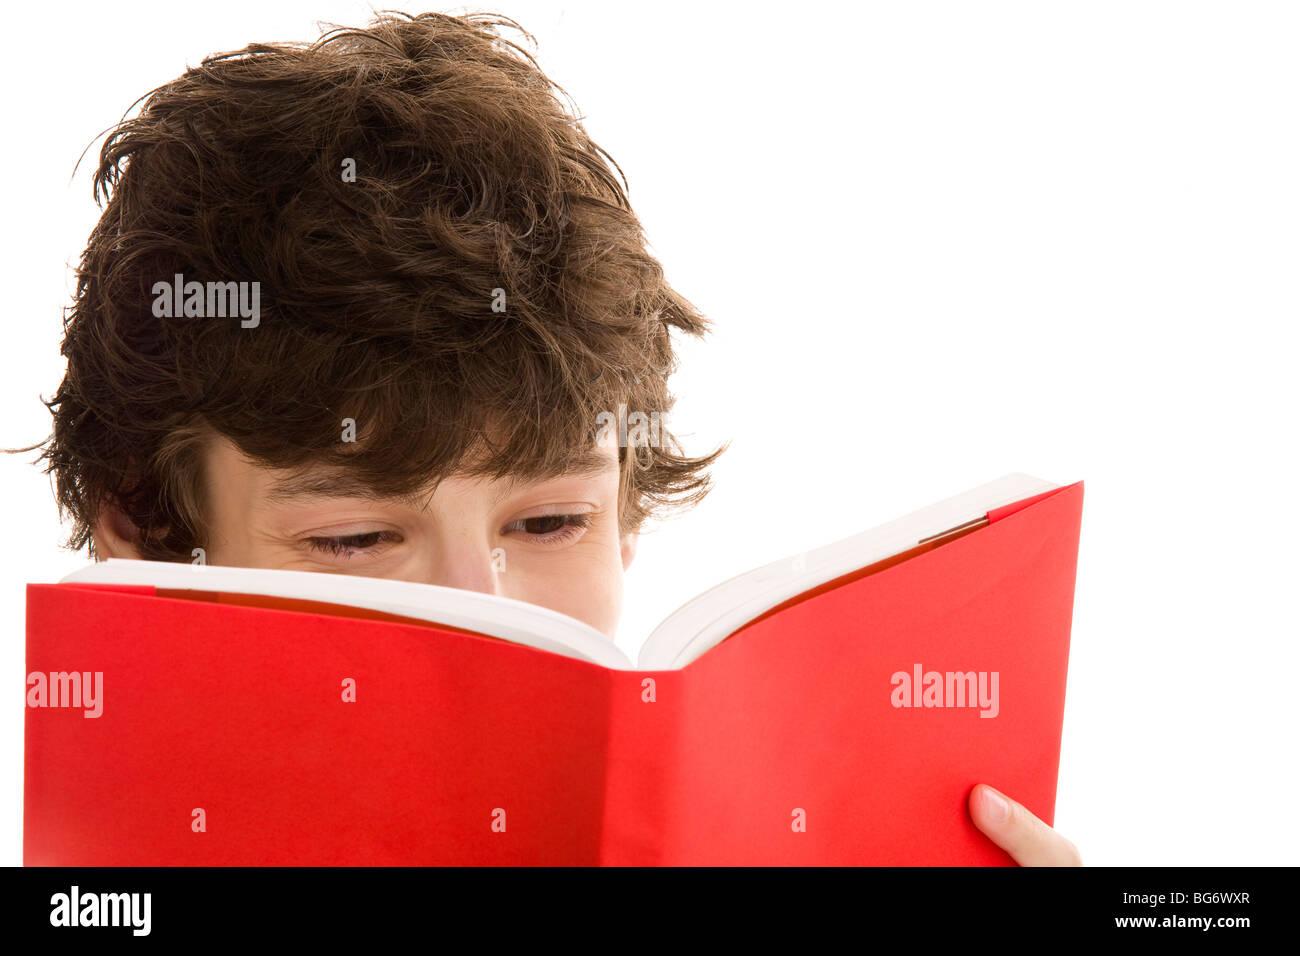 Teenage boy reading book isolated on white background - Stock Image